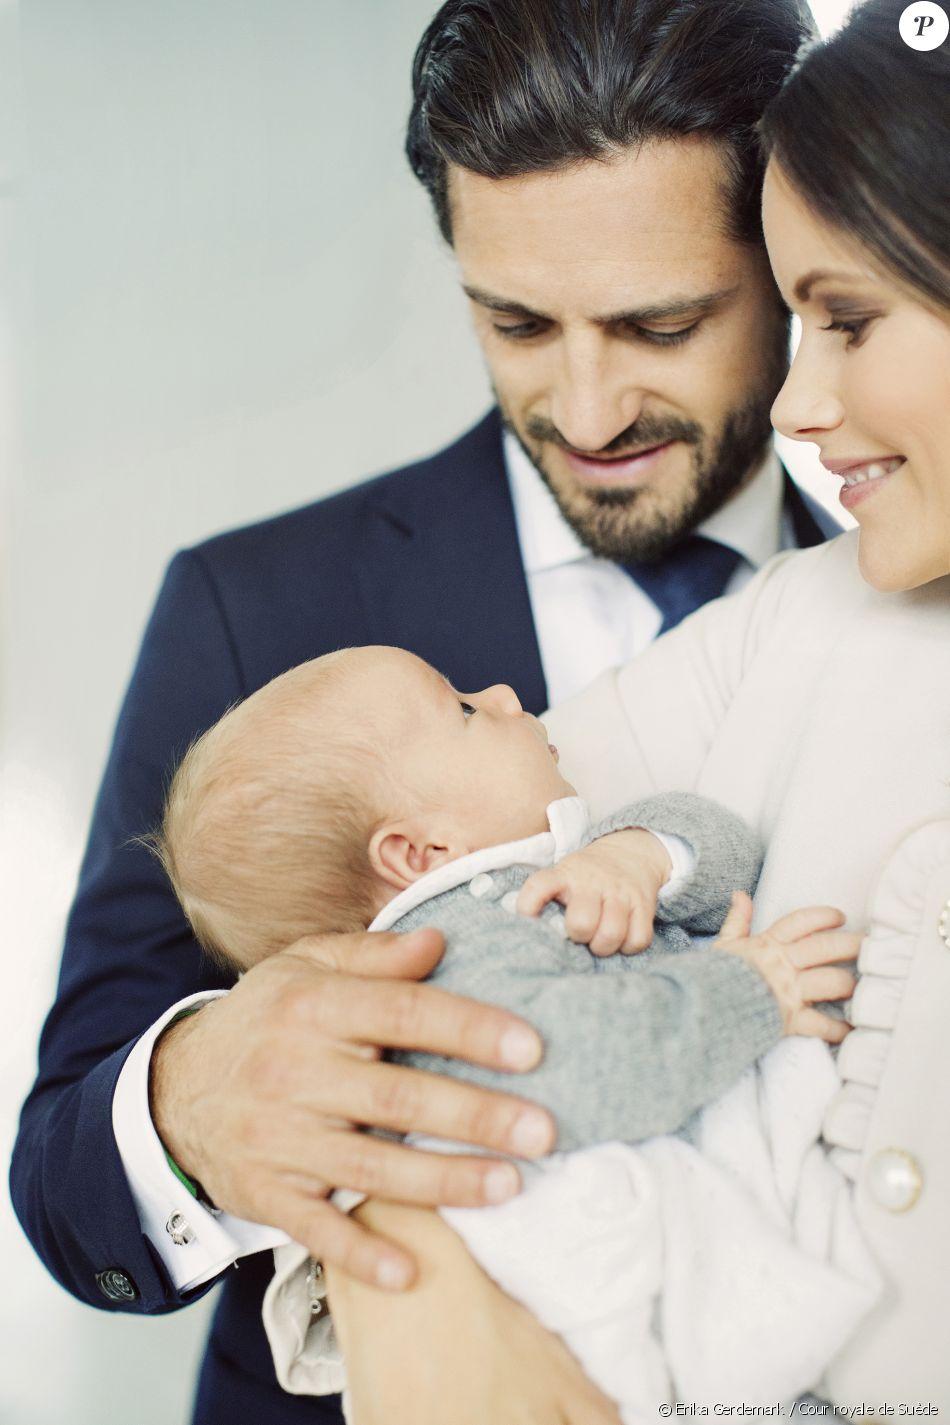 Le prince Gabriel de Suède dans les bras de ses parents le prince Carl Philip et la princesse Sofia, photographiés par Erika Gerdemark en septembre 2017. © Erika Gerdemark / Cour royale de Suède